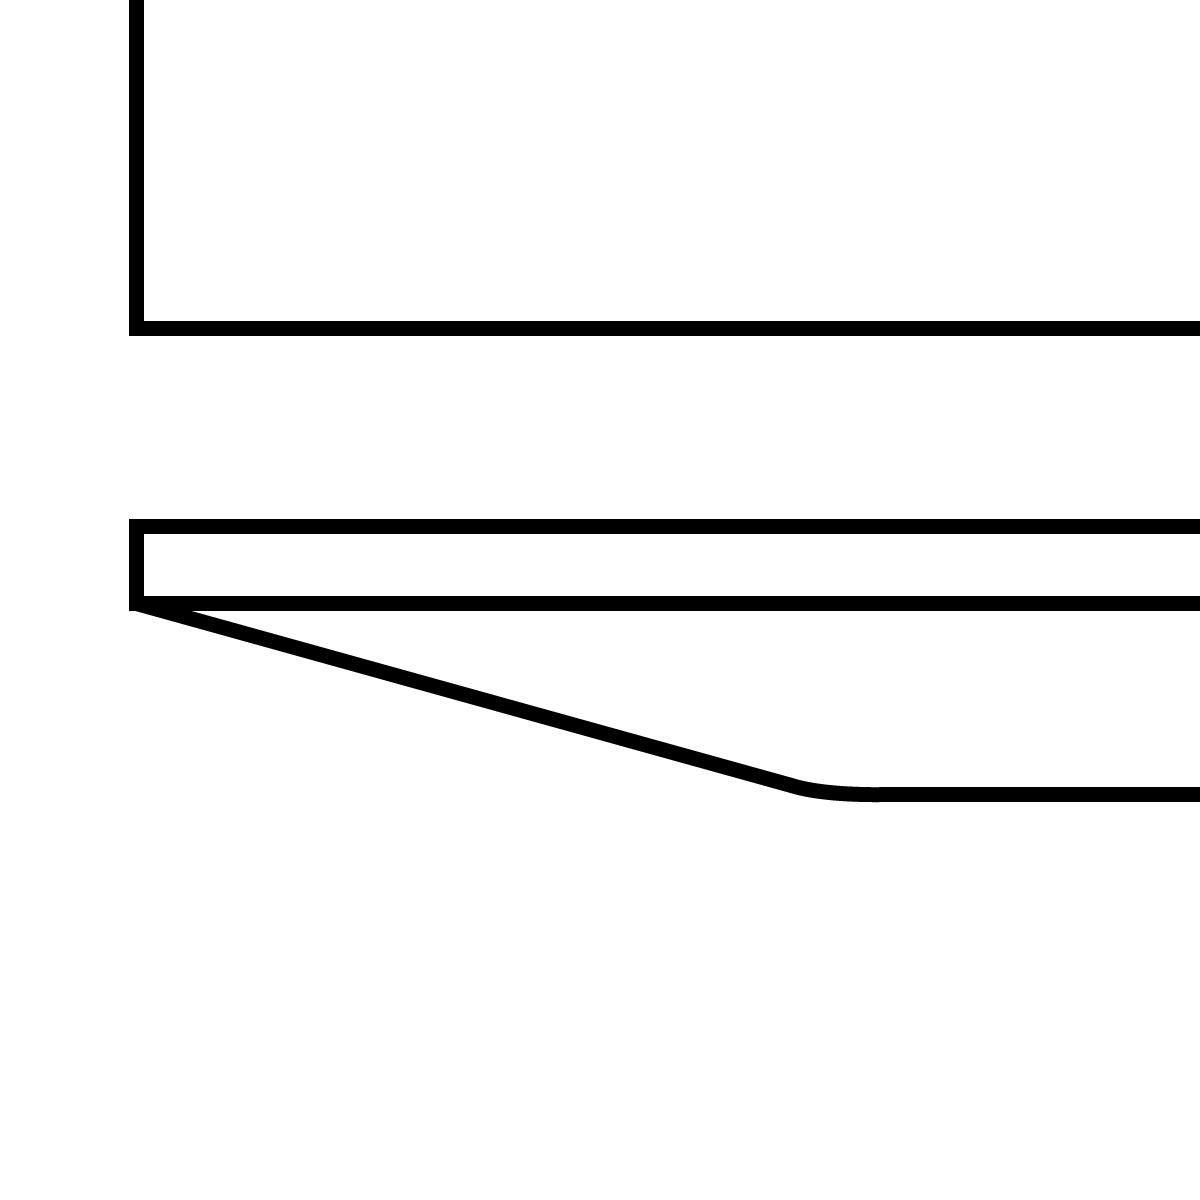 Tischplatte mit schweizer Kante